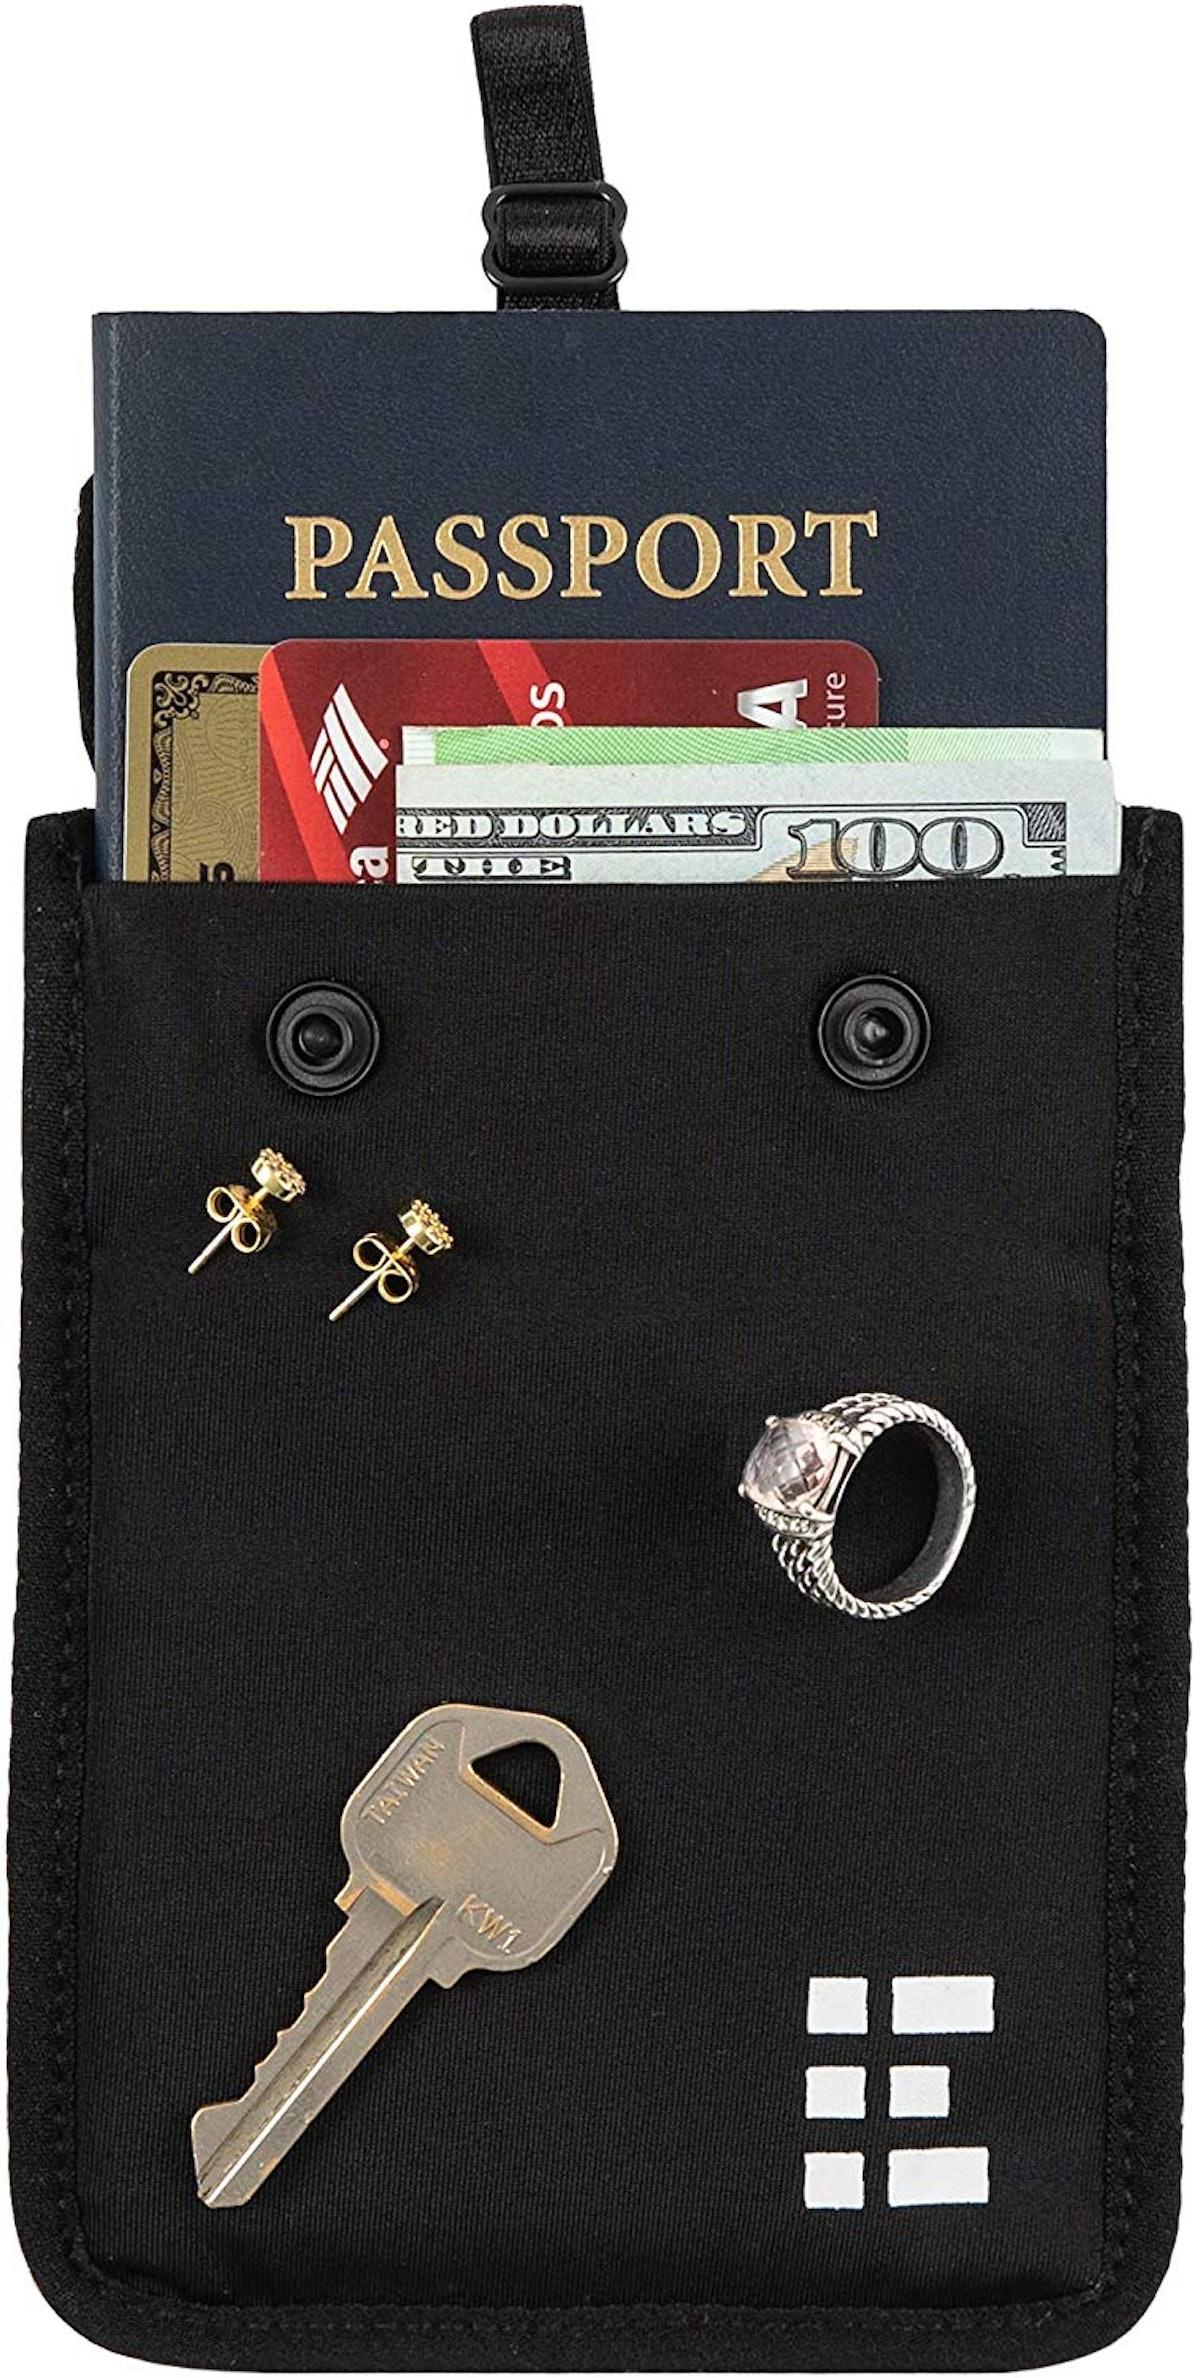 Hidden Bra Wallet